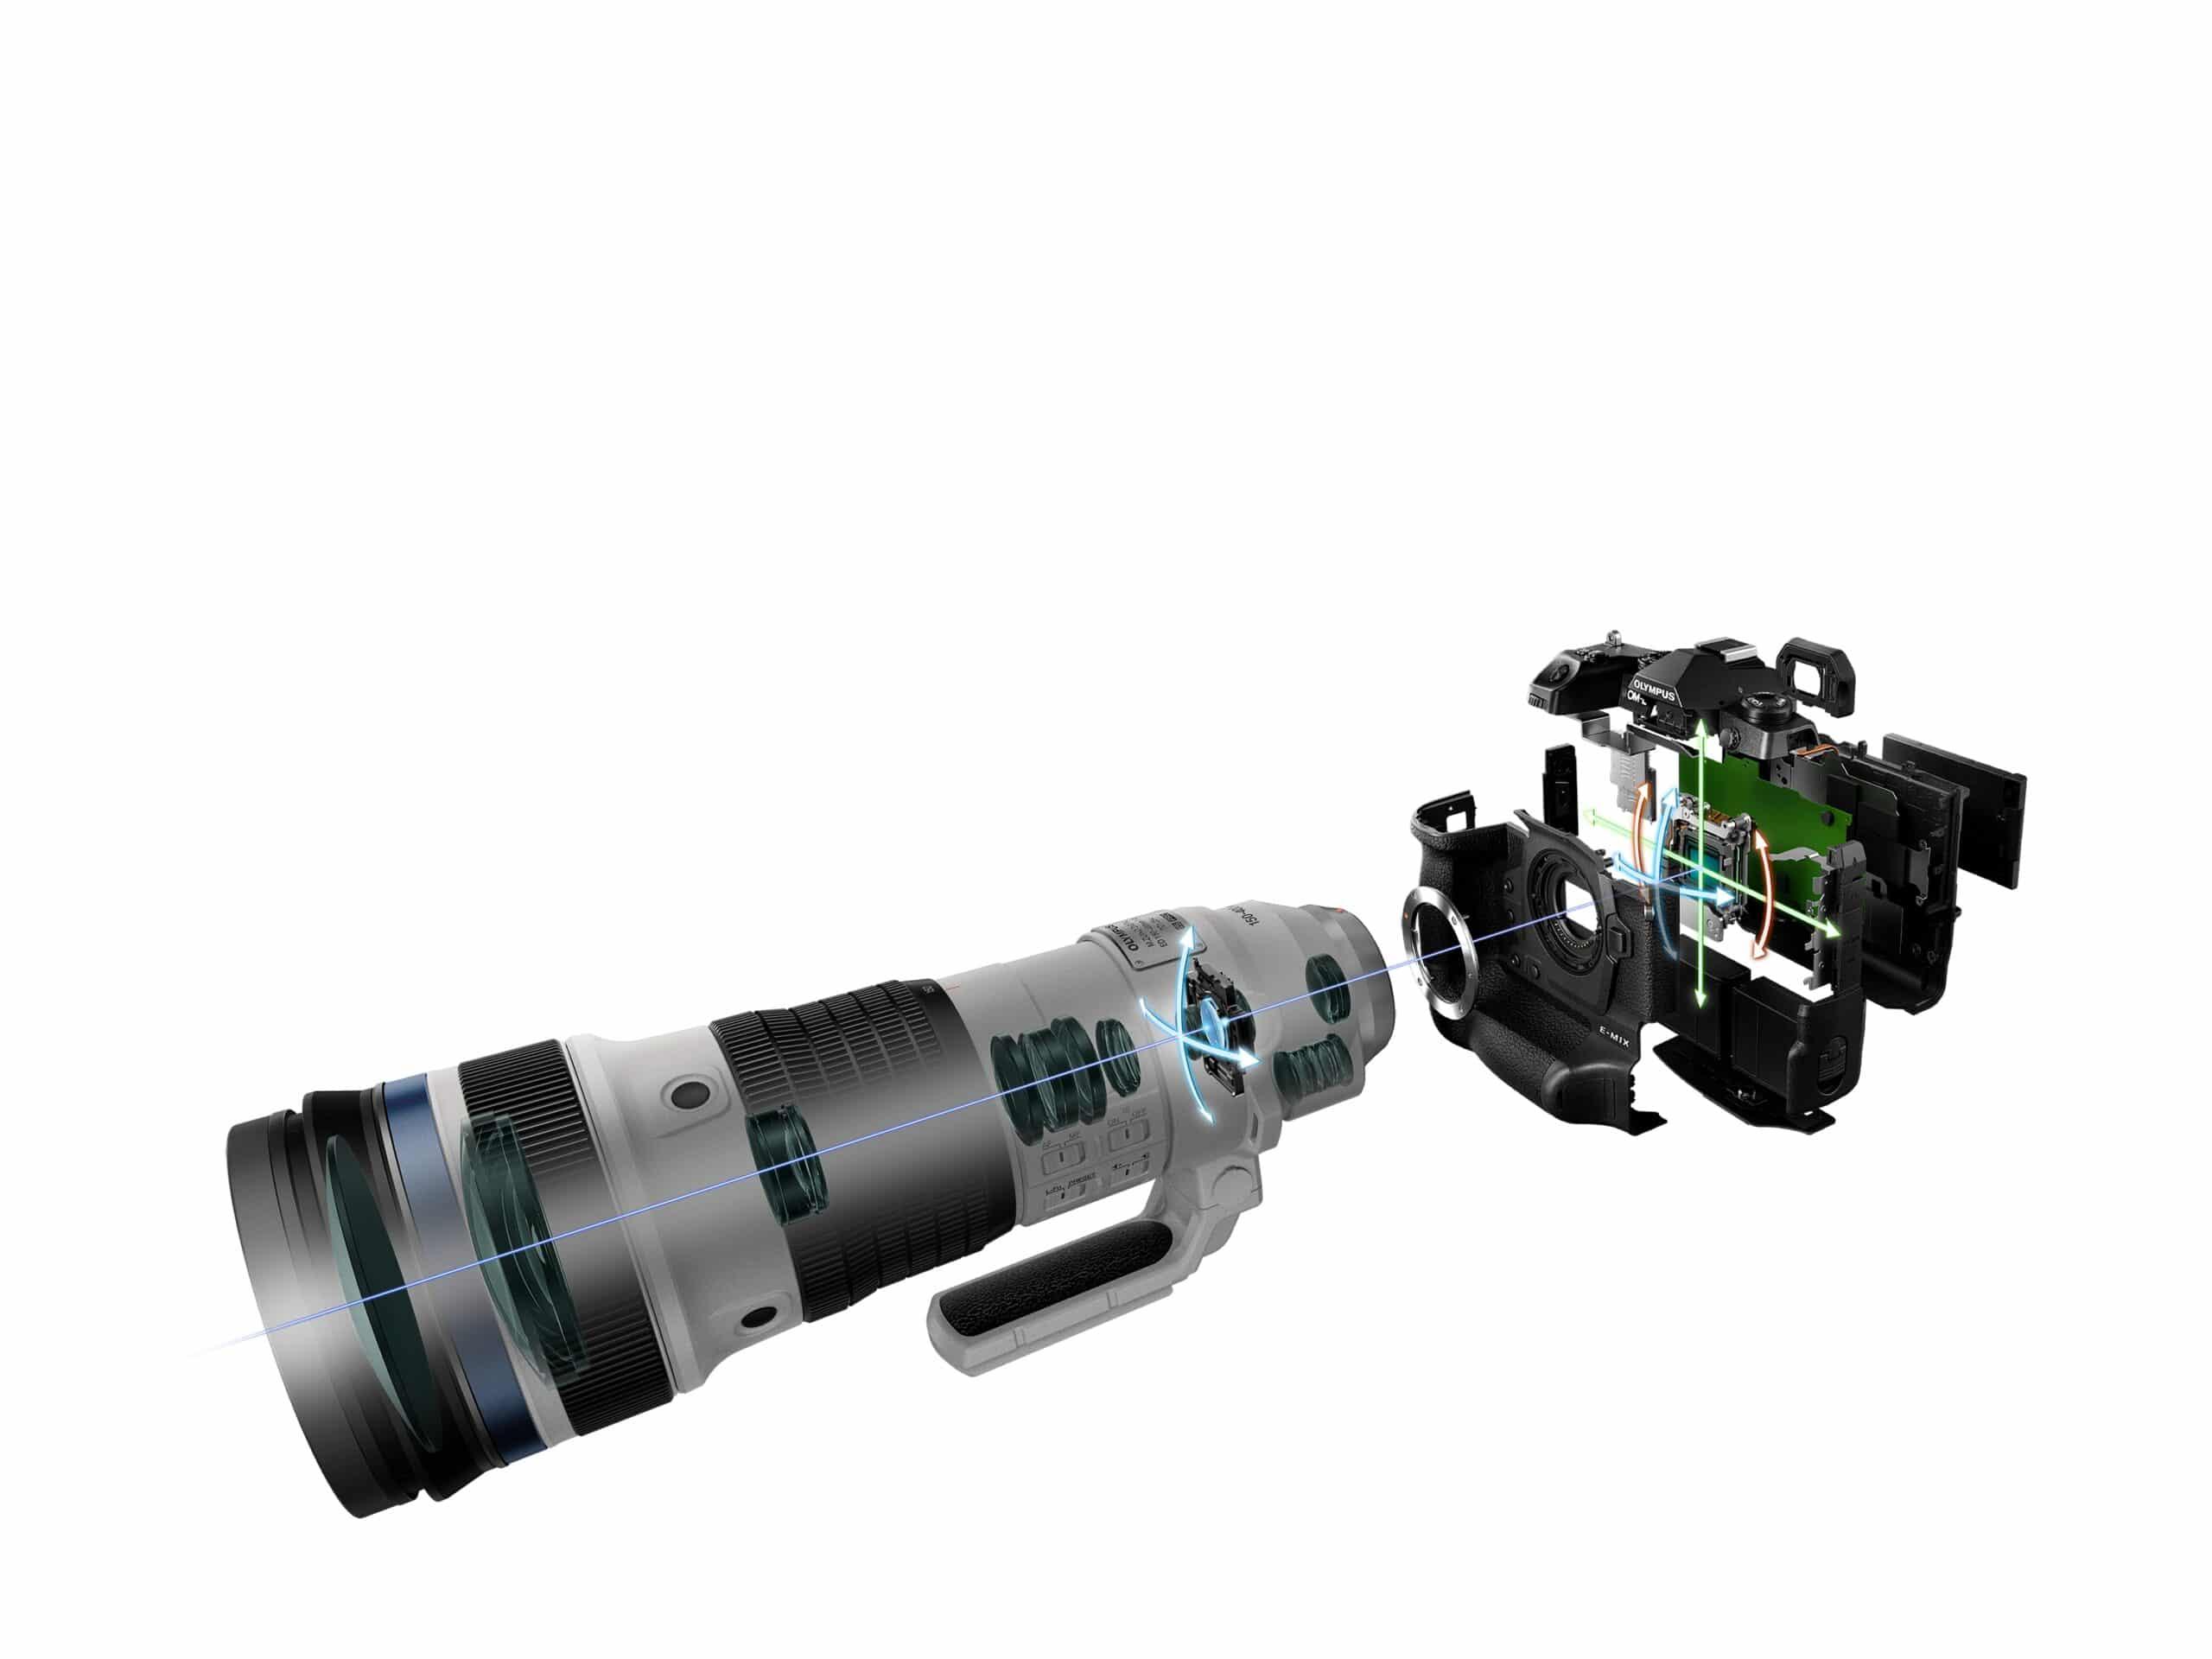 M.Zuiko Digital ED 4,5/150-400 mm TC 1,25x IS PRO